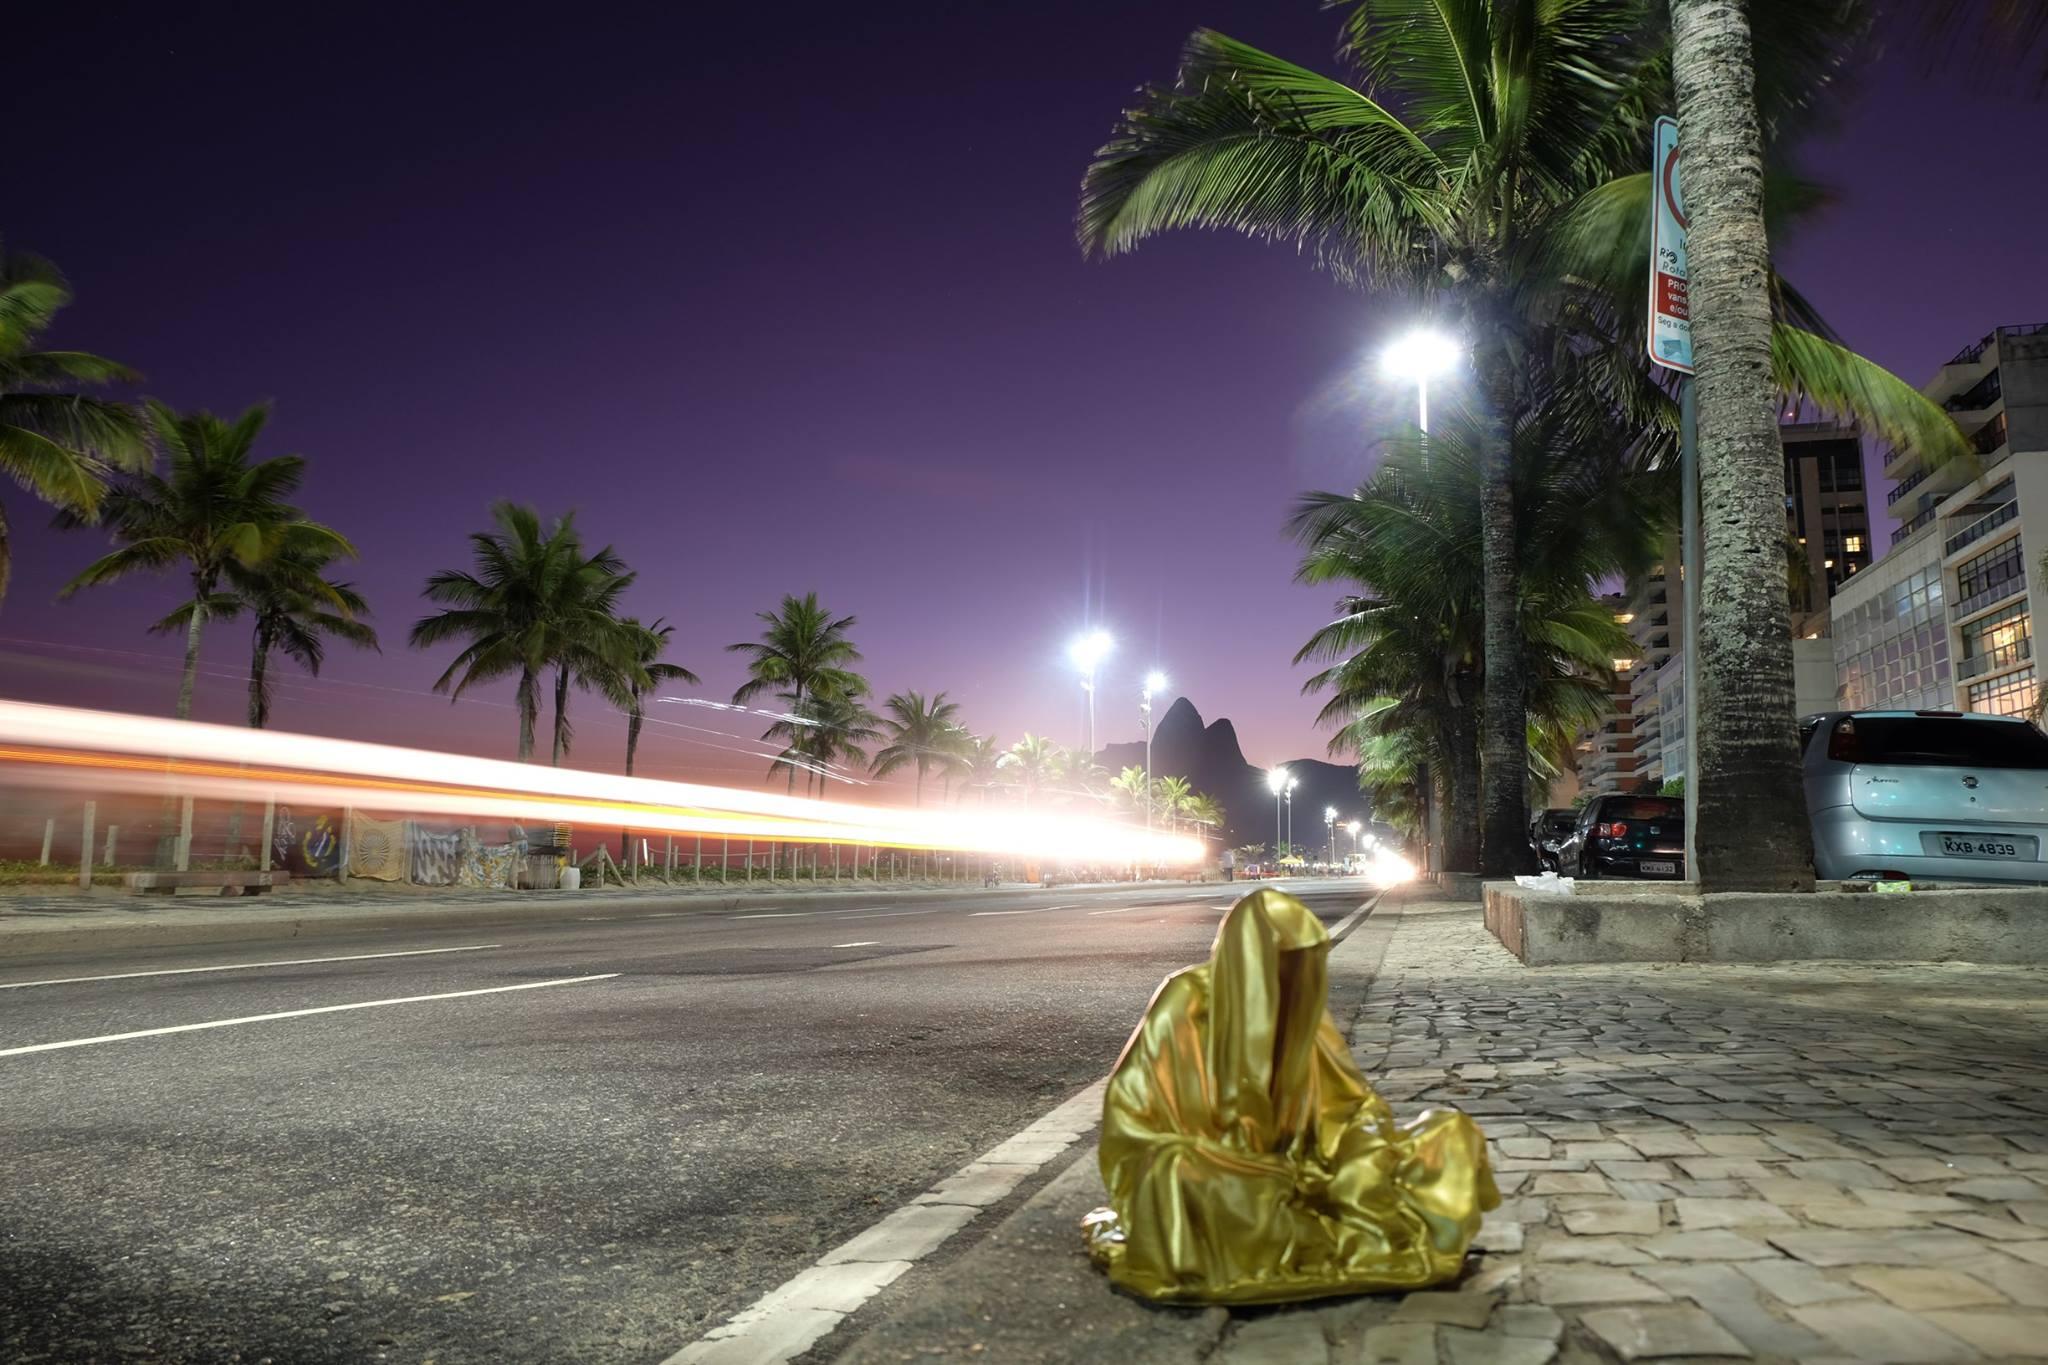 trio biennial  sculpture 3d copacabana light art rio de janeiro guardians of time sculpture art arts design manfred kili kielnhofer